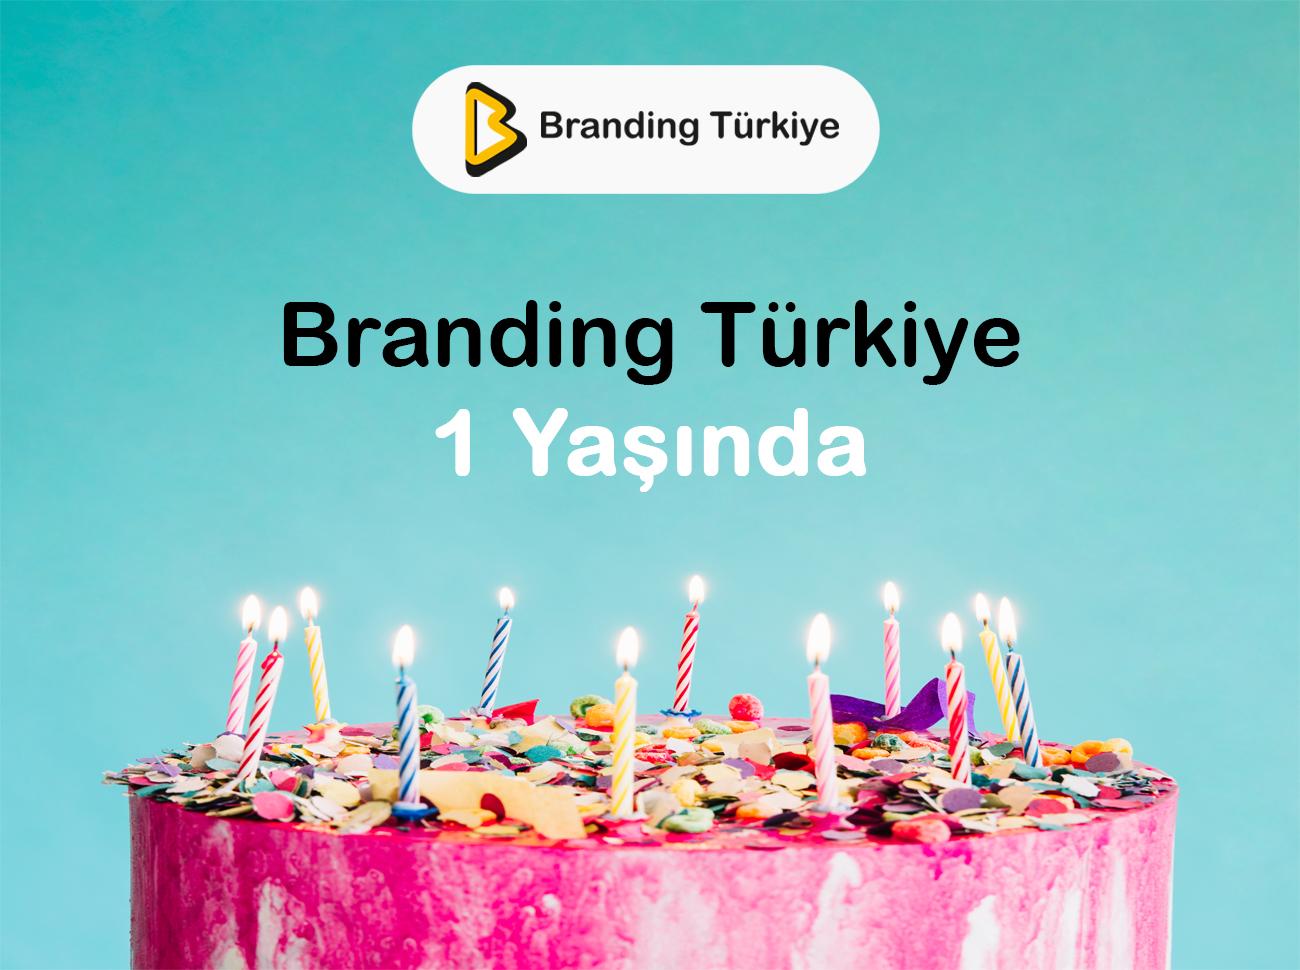 Branding Türkiye 1 Yaşında